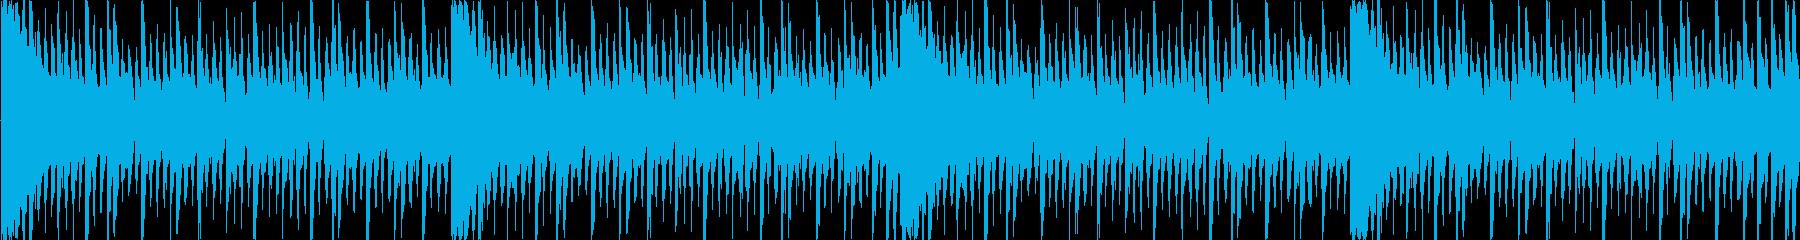 ロックテイスト溢れるループ曲ですの再生済みの波形